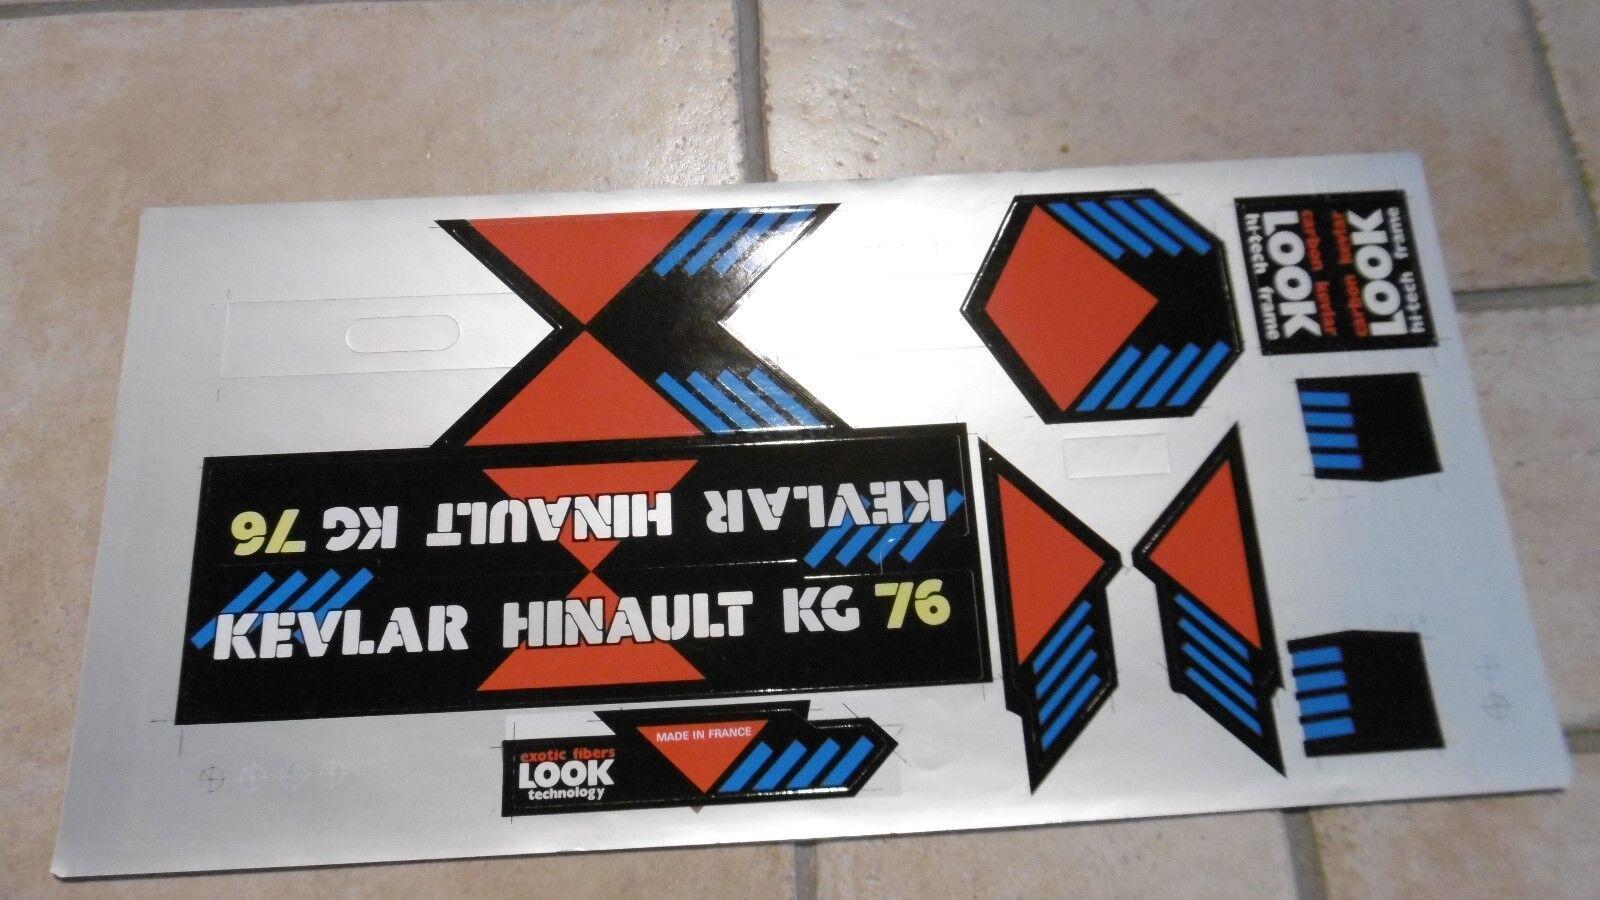 LOOK KG76  Ke vlar Hinault Foil Decals Set  we offer various famous brand